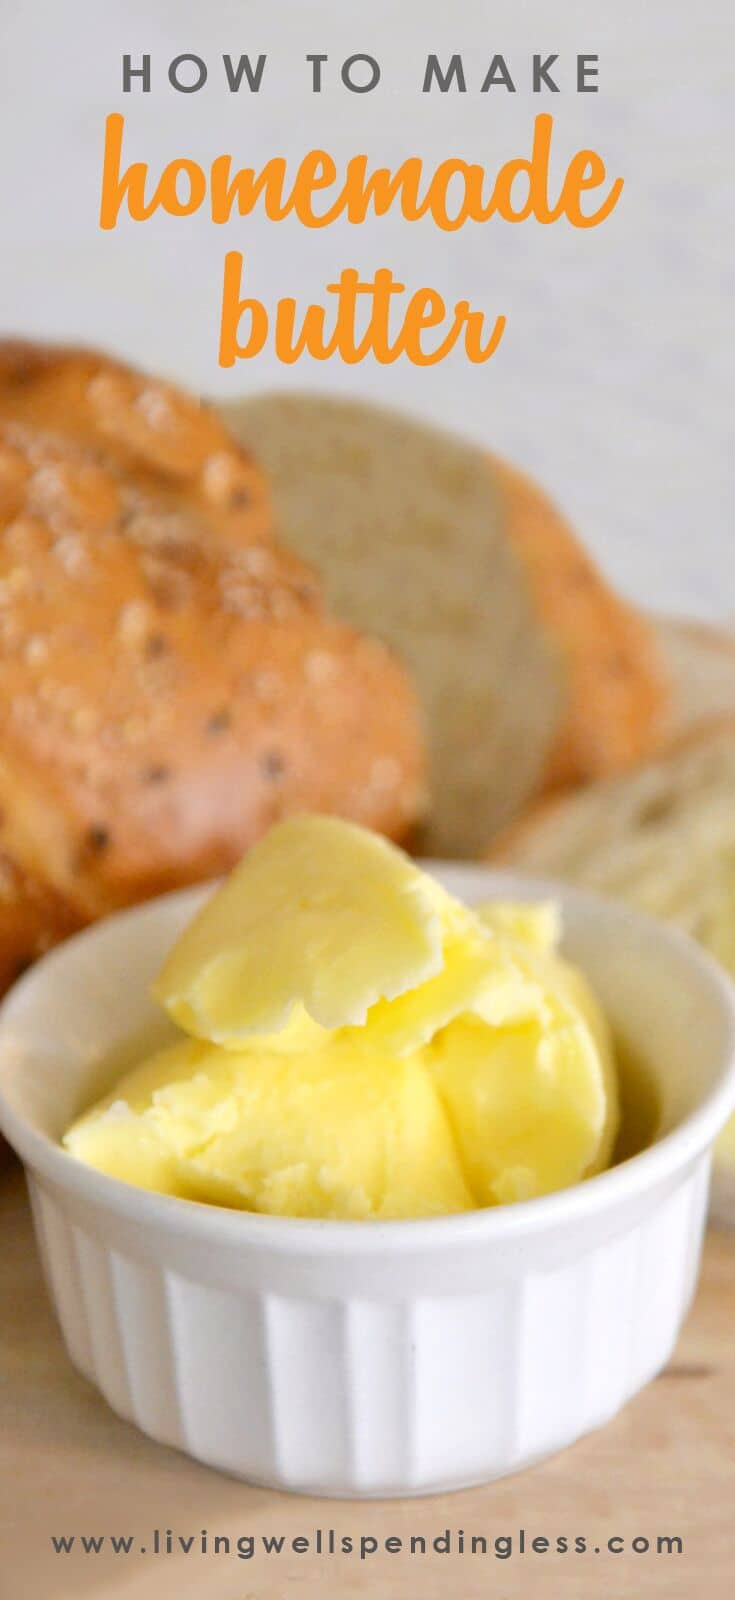 How to Make Homemade Butter   DIY Butter   Homemade Butter Recipe   How to Make Butter   Butter